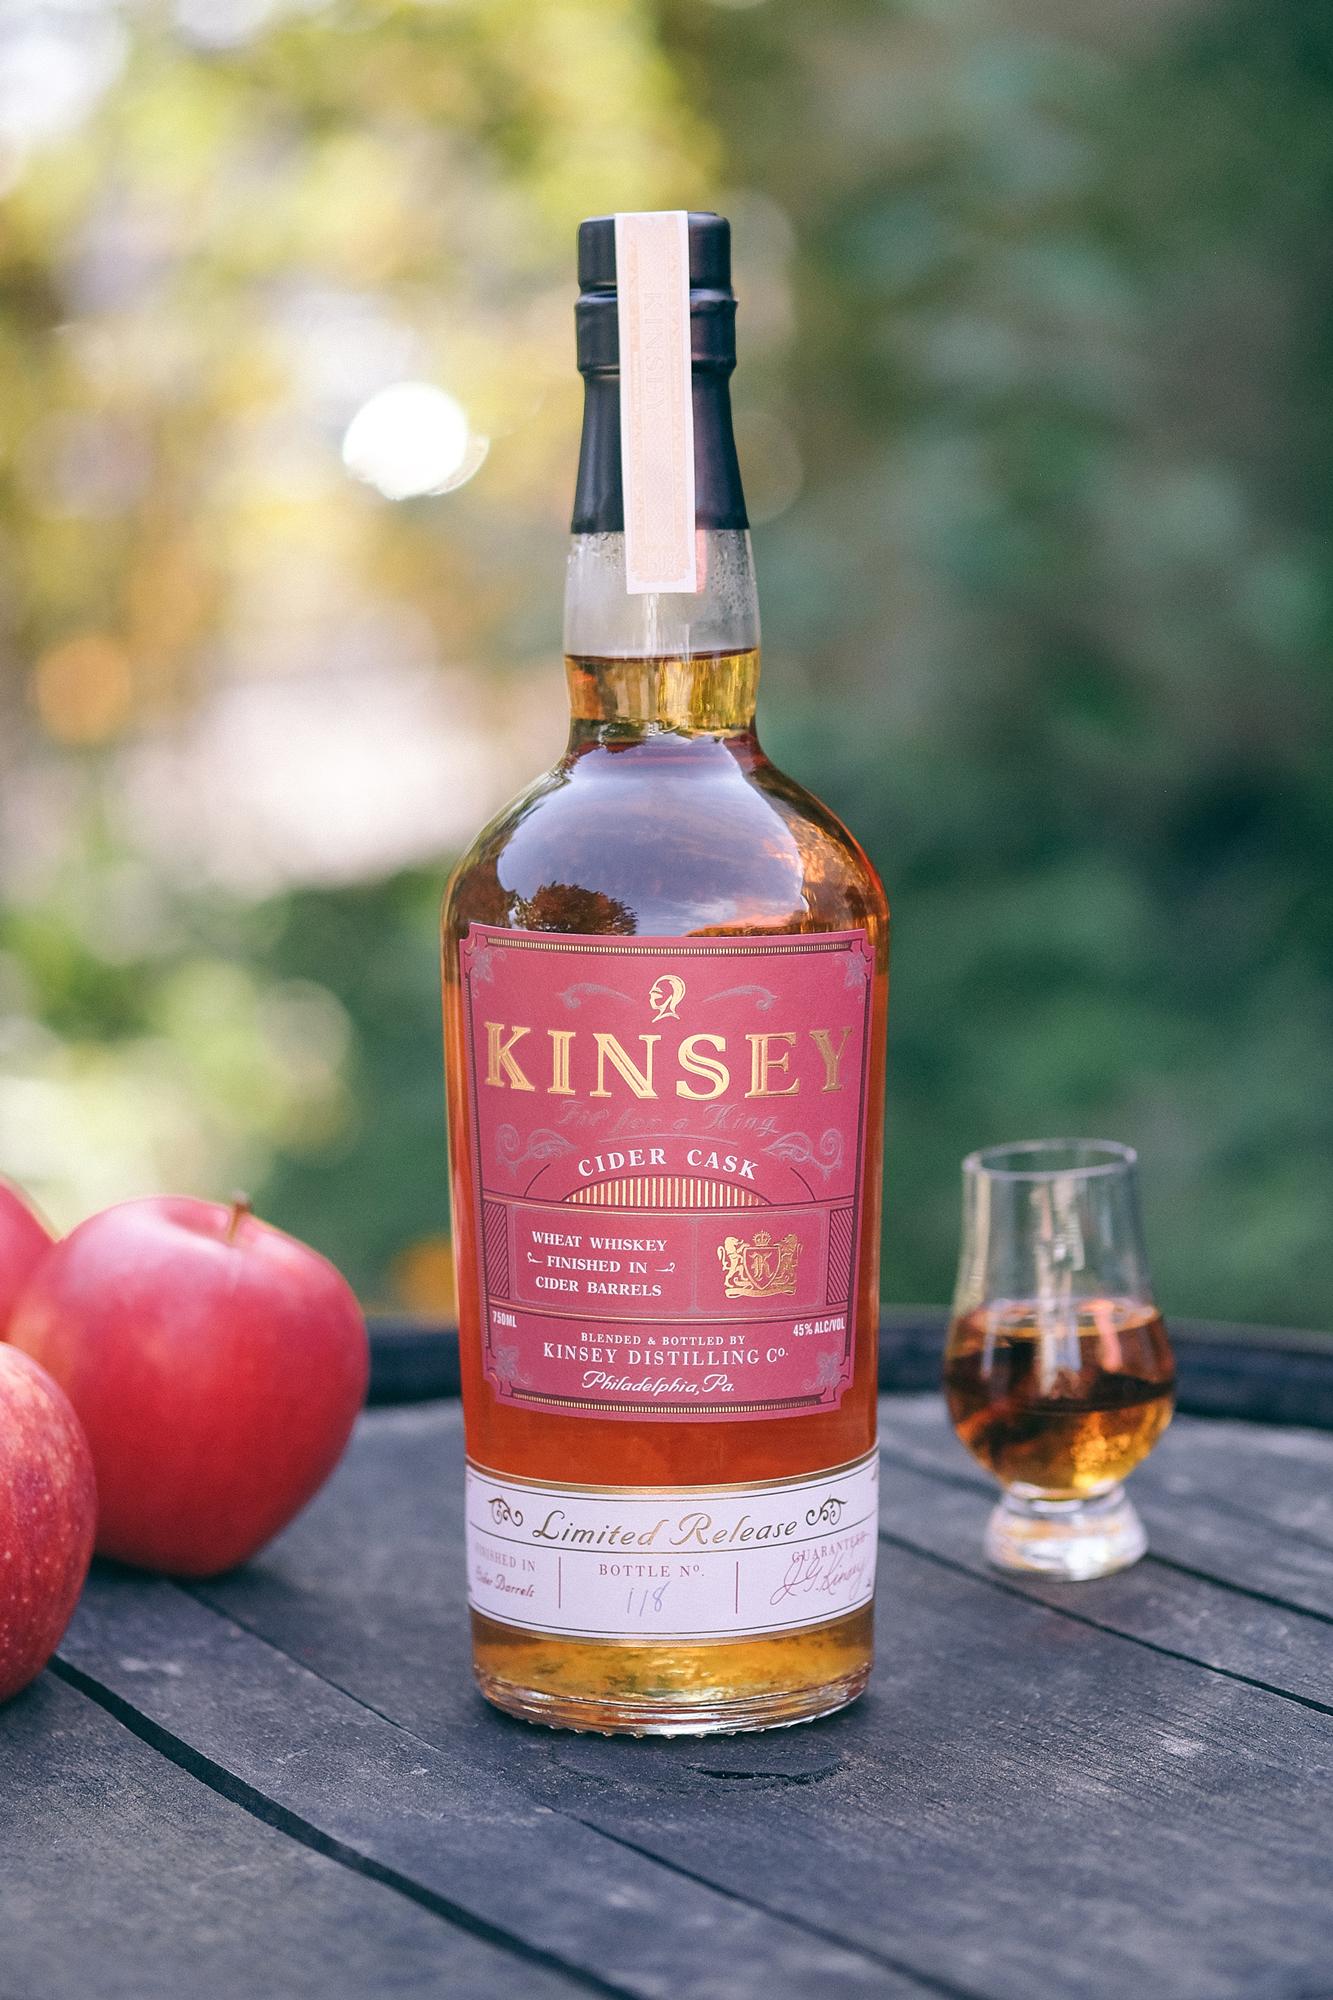 Kinsey Cider